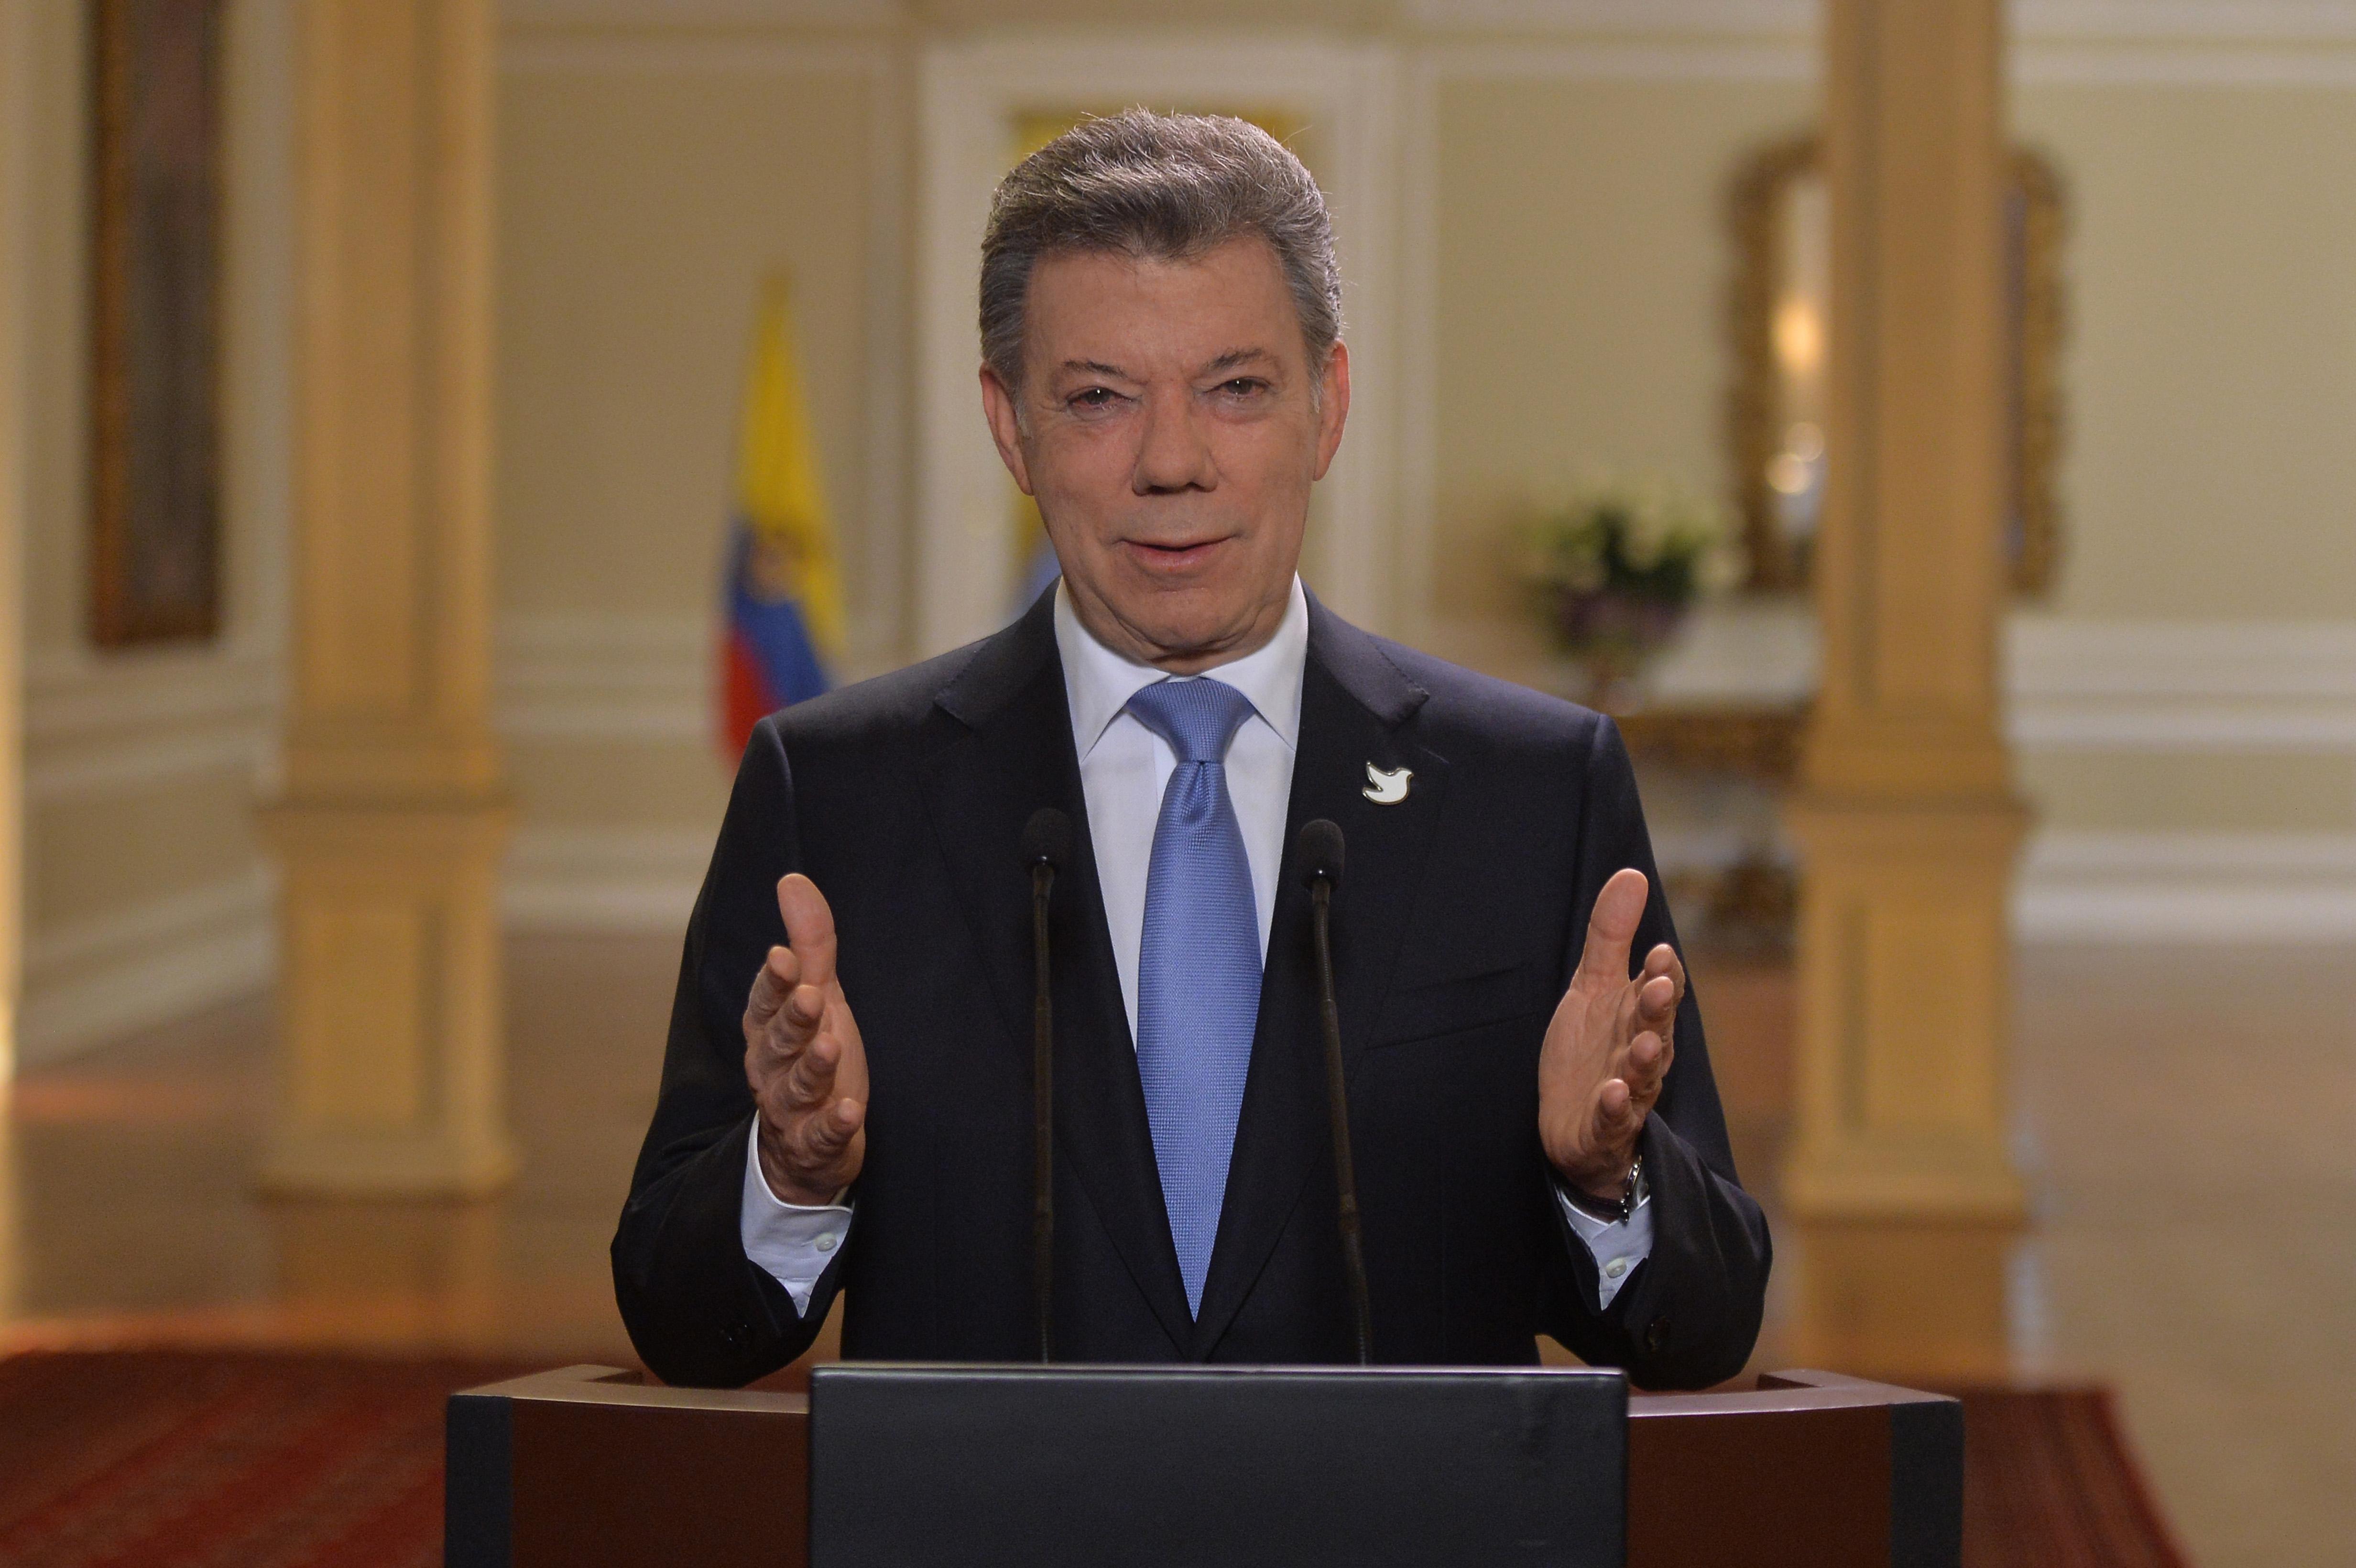 Presidente Santos invitó a los colombianos al optimismo y a trabajar unidos para lograr un nuevo país con paz, equidad y mejor educado